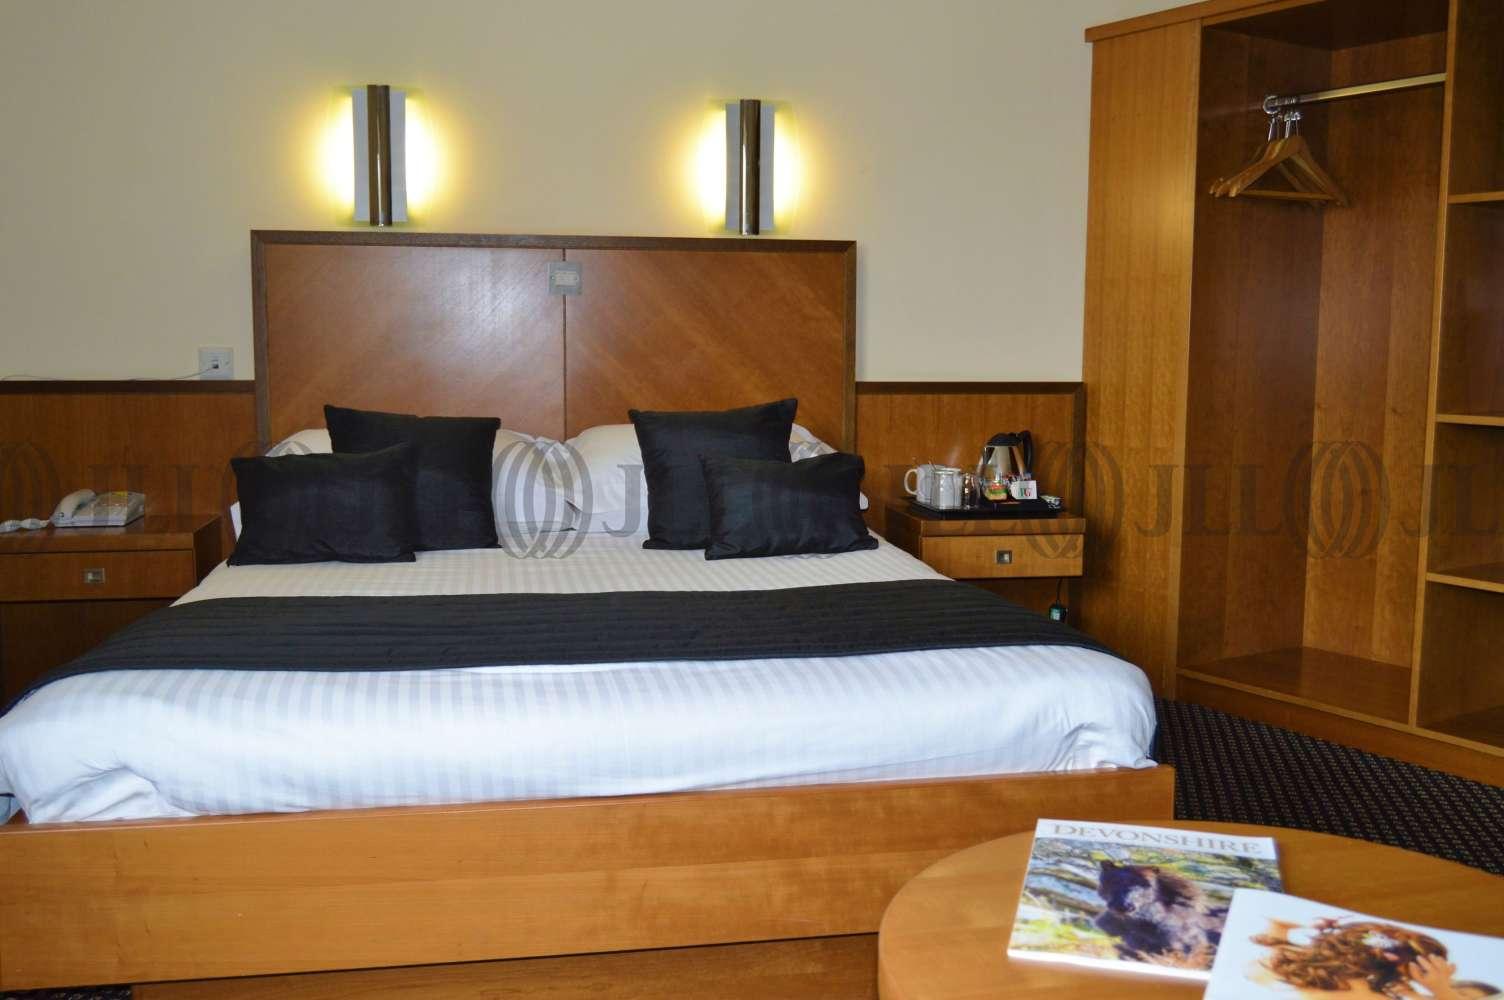 Hotel Cullompton, EX15 1RU - Padbrook Park Hotel - 0081